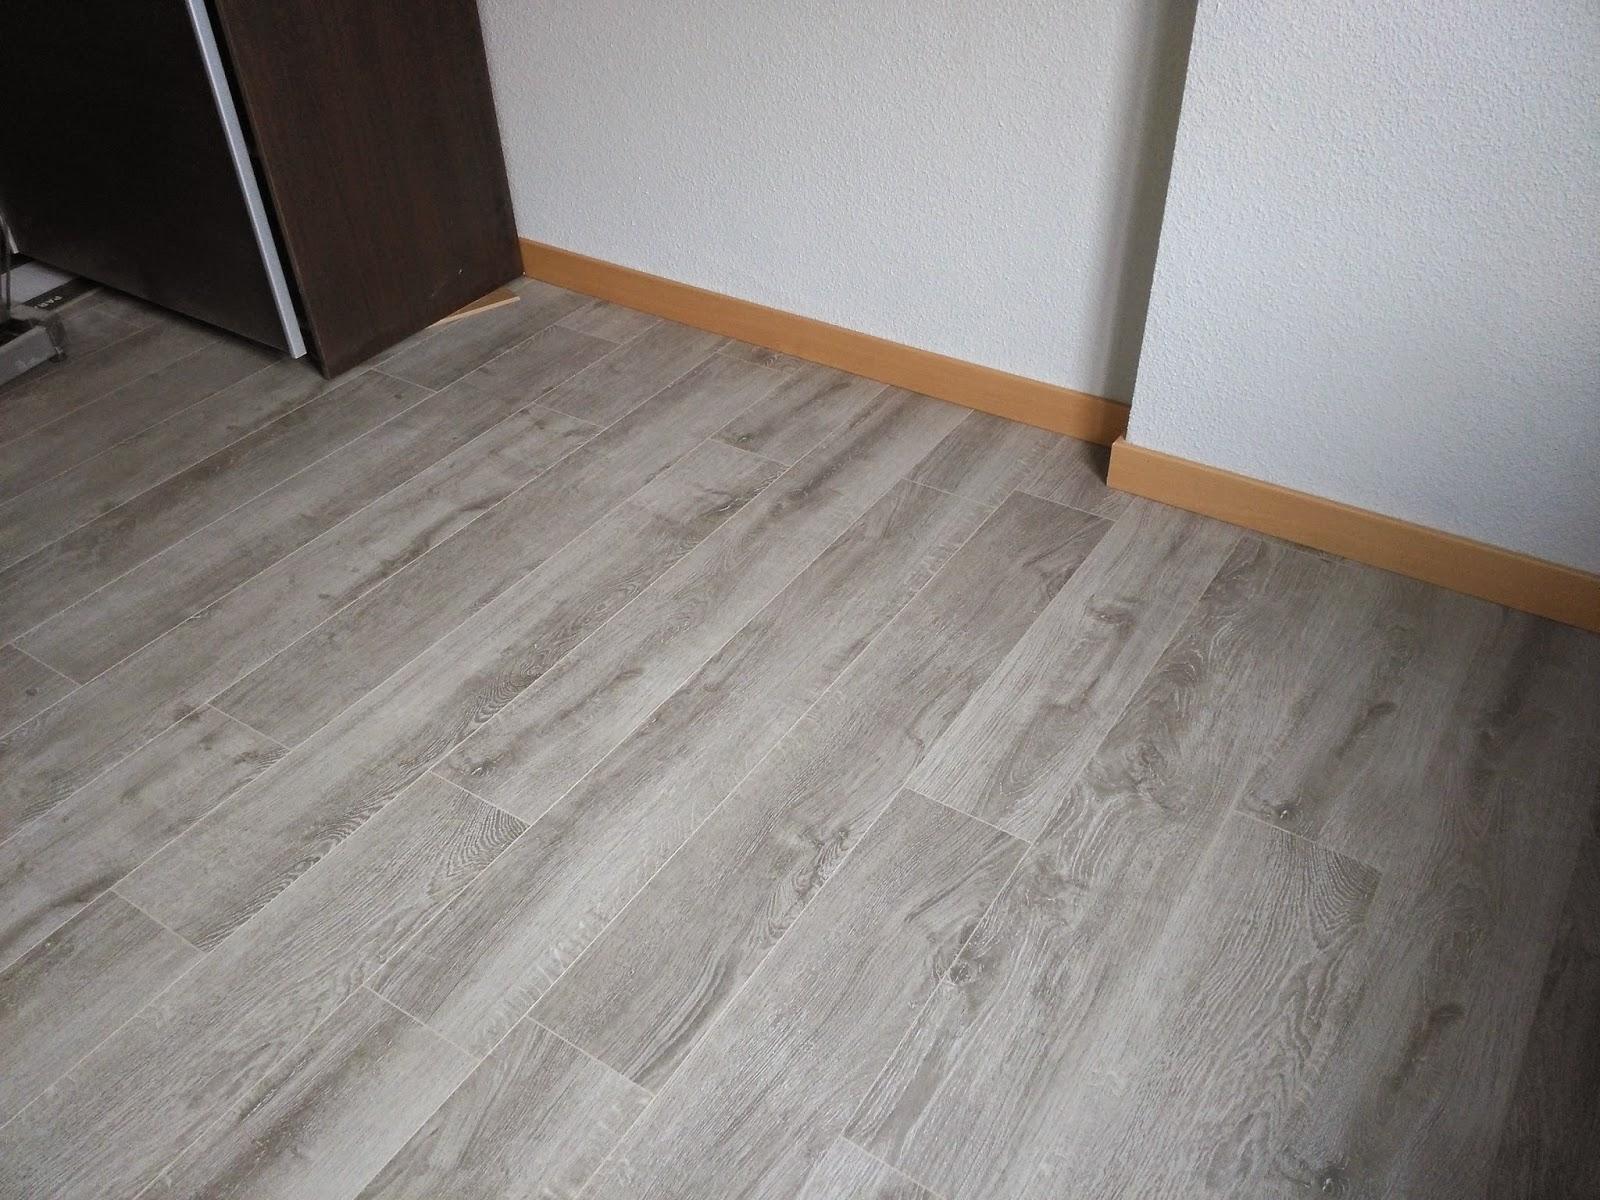 Parquet gris claro como clm roble gris claro aceitado - Parquet color roble ...